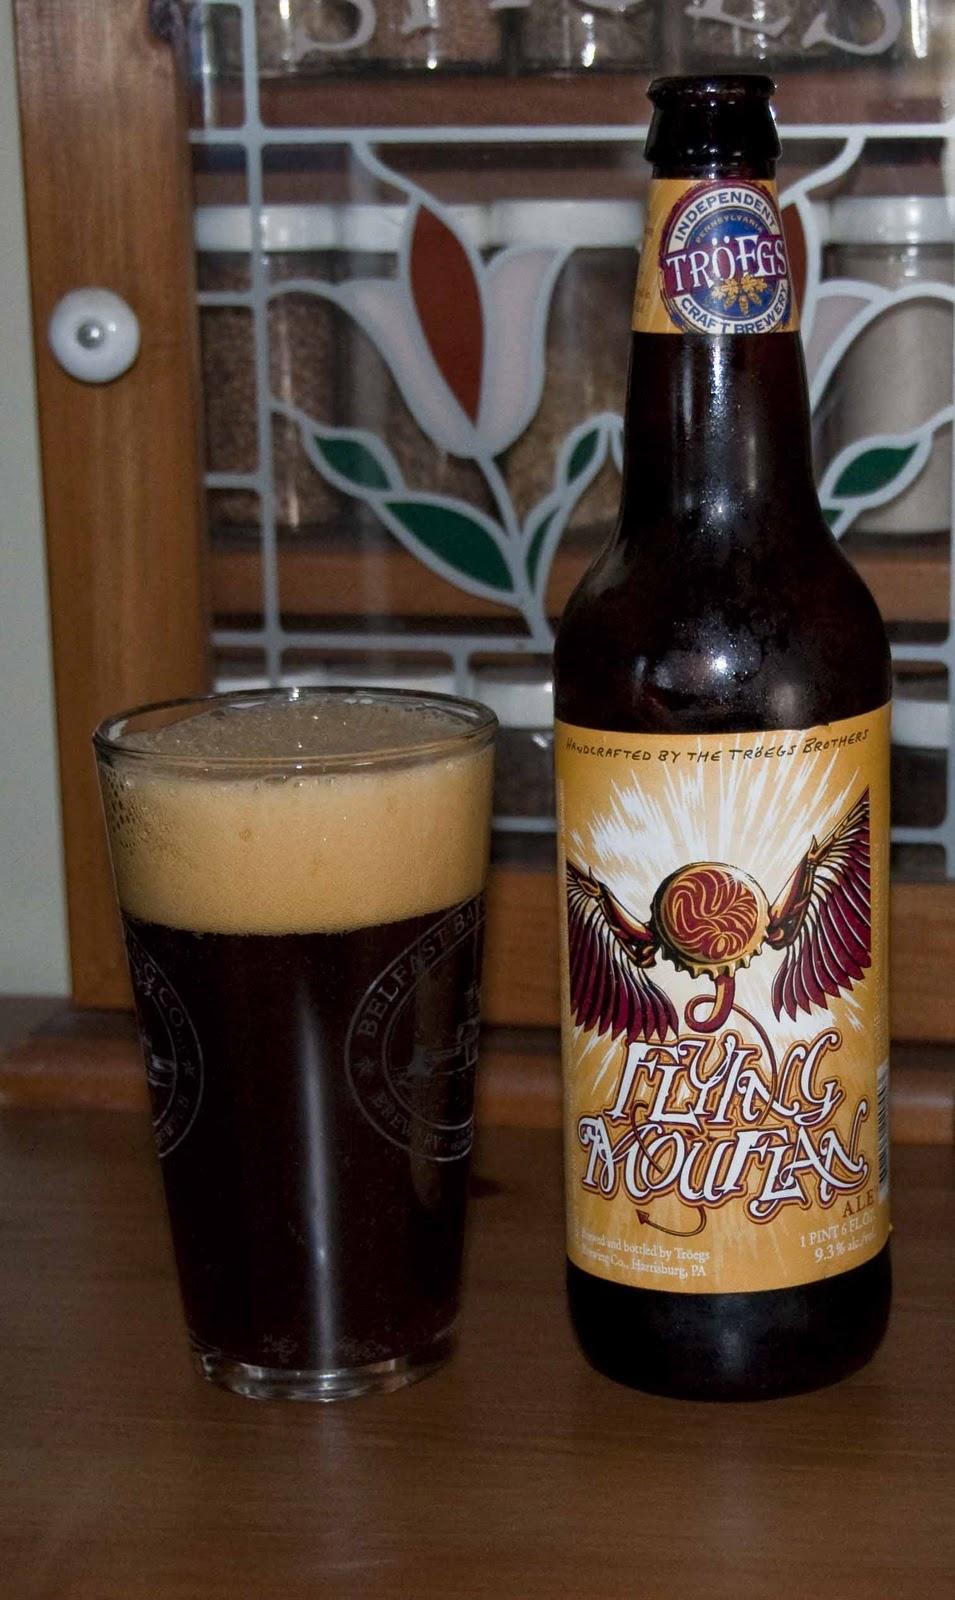 Beer+20100829+148TroegsFlying+Mouflan.JP